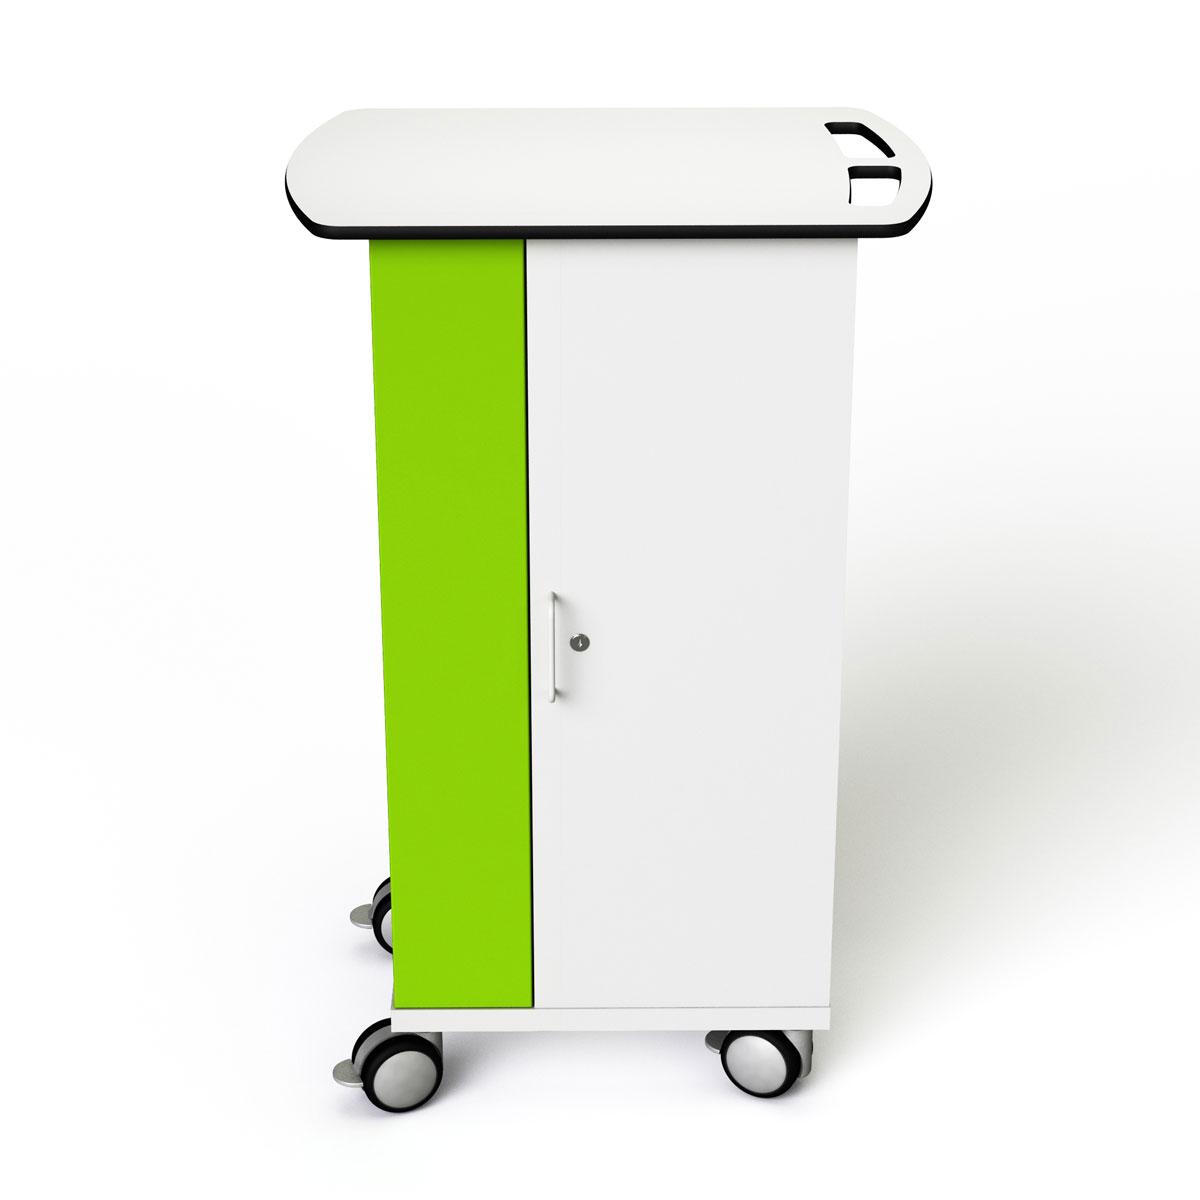 Laddvagn 16 surfplattor zioxi - iPadförvaring